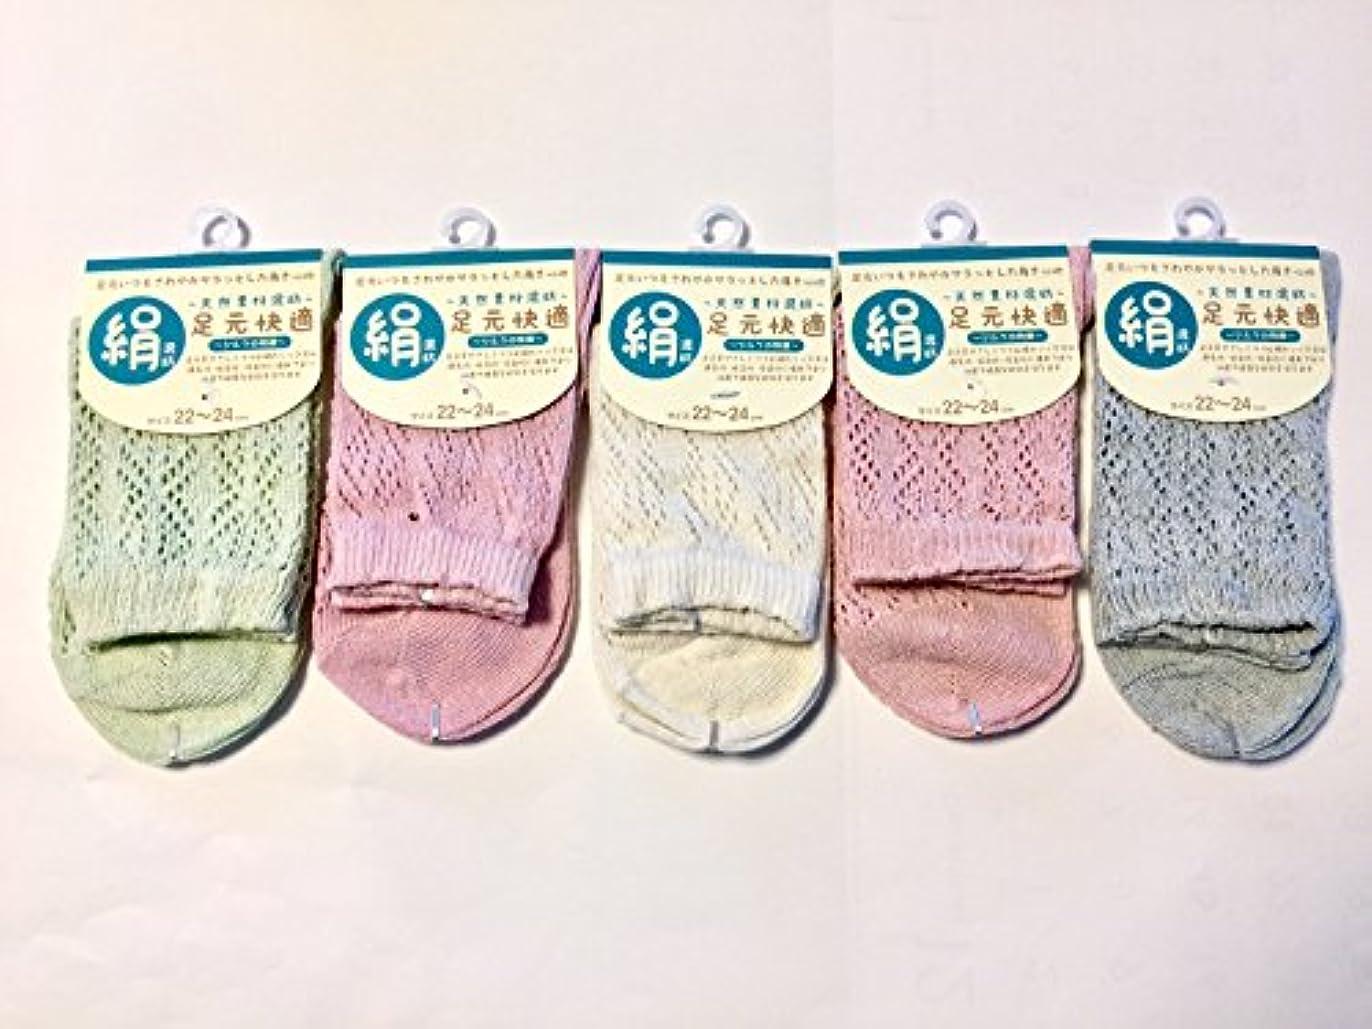 極小茎環境保護主義者靴下 レディース 絹混 涼しいルミーソックス おしゃれ手編み風 5色5足組